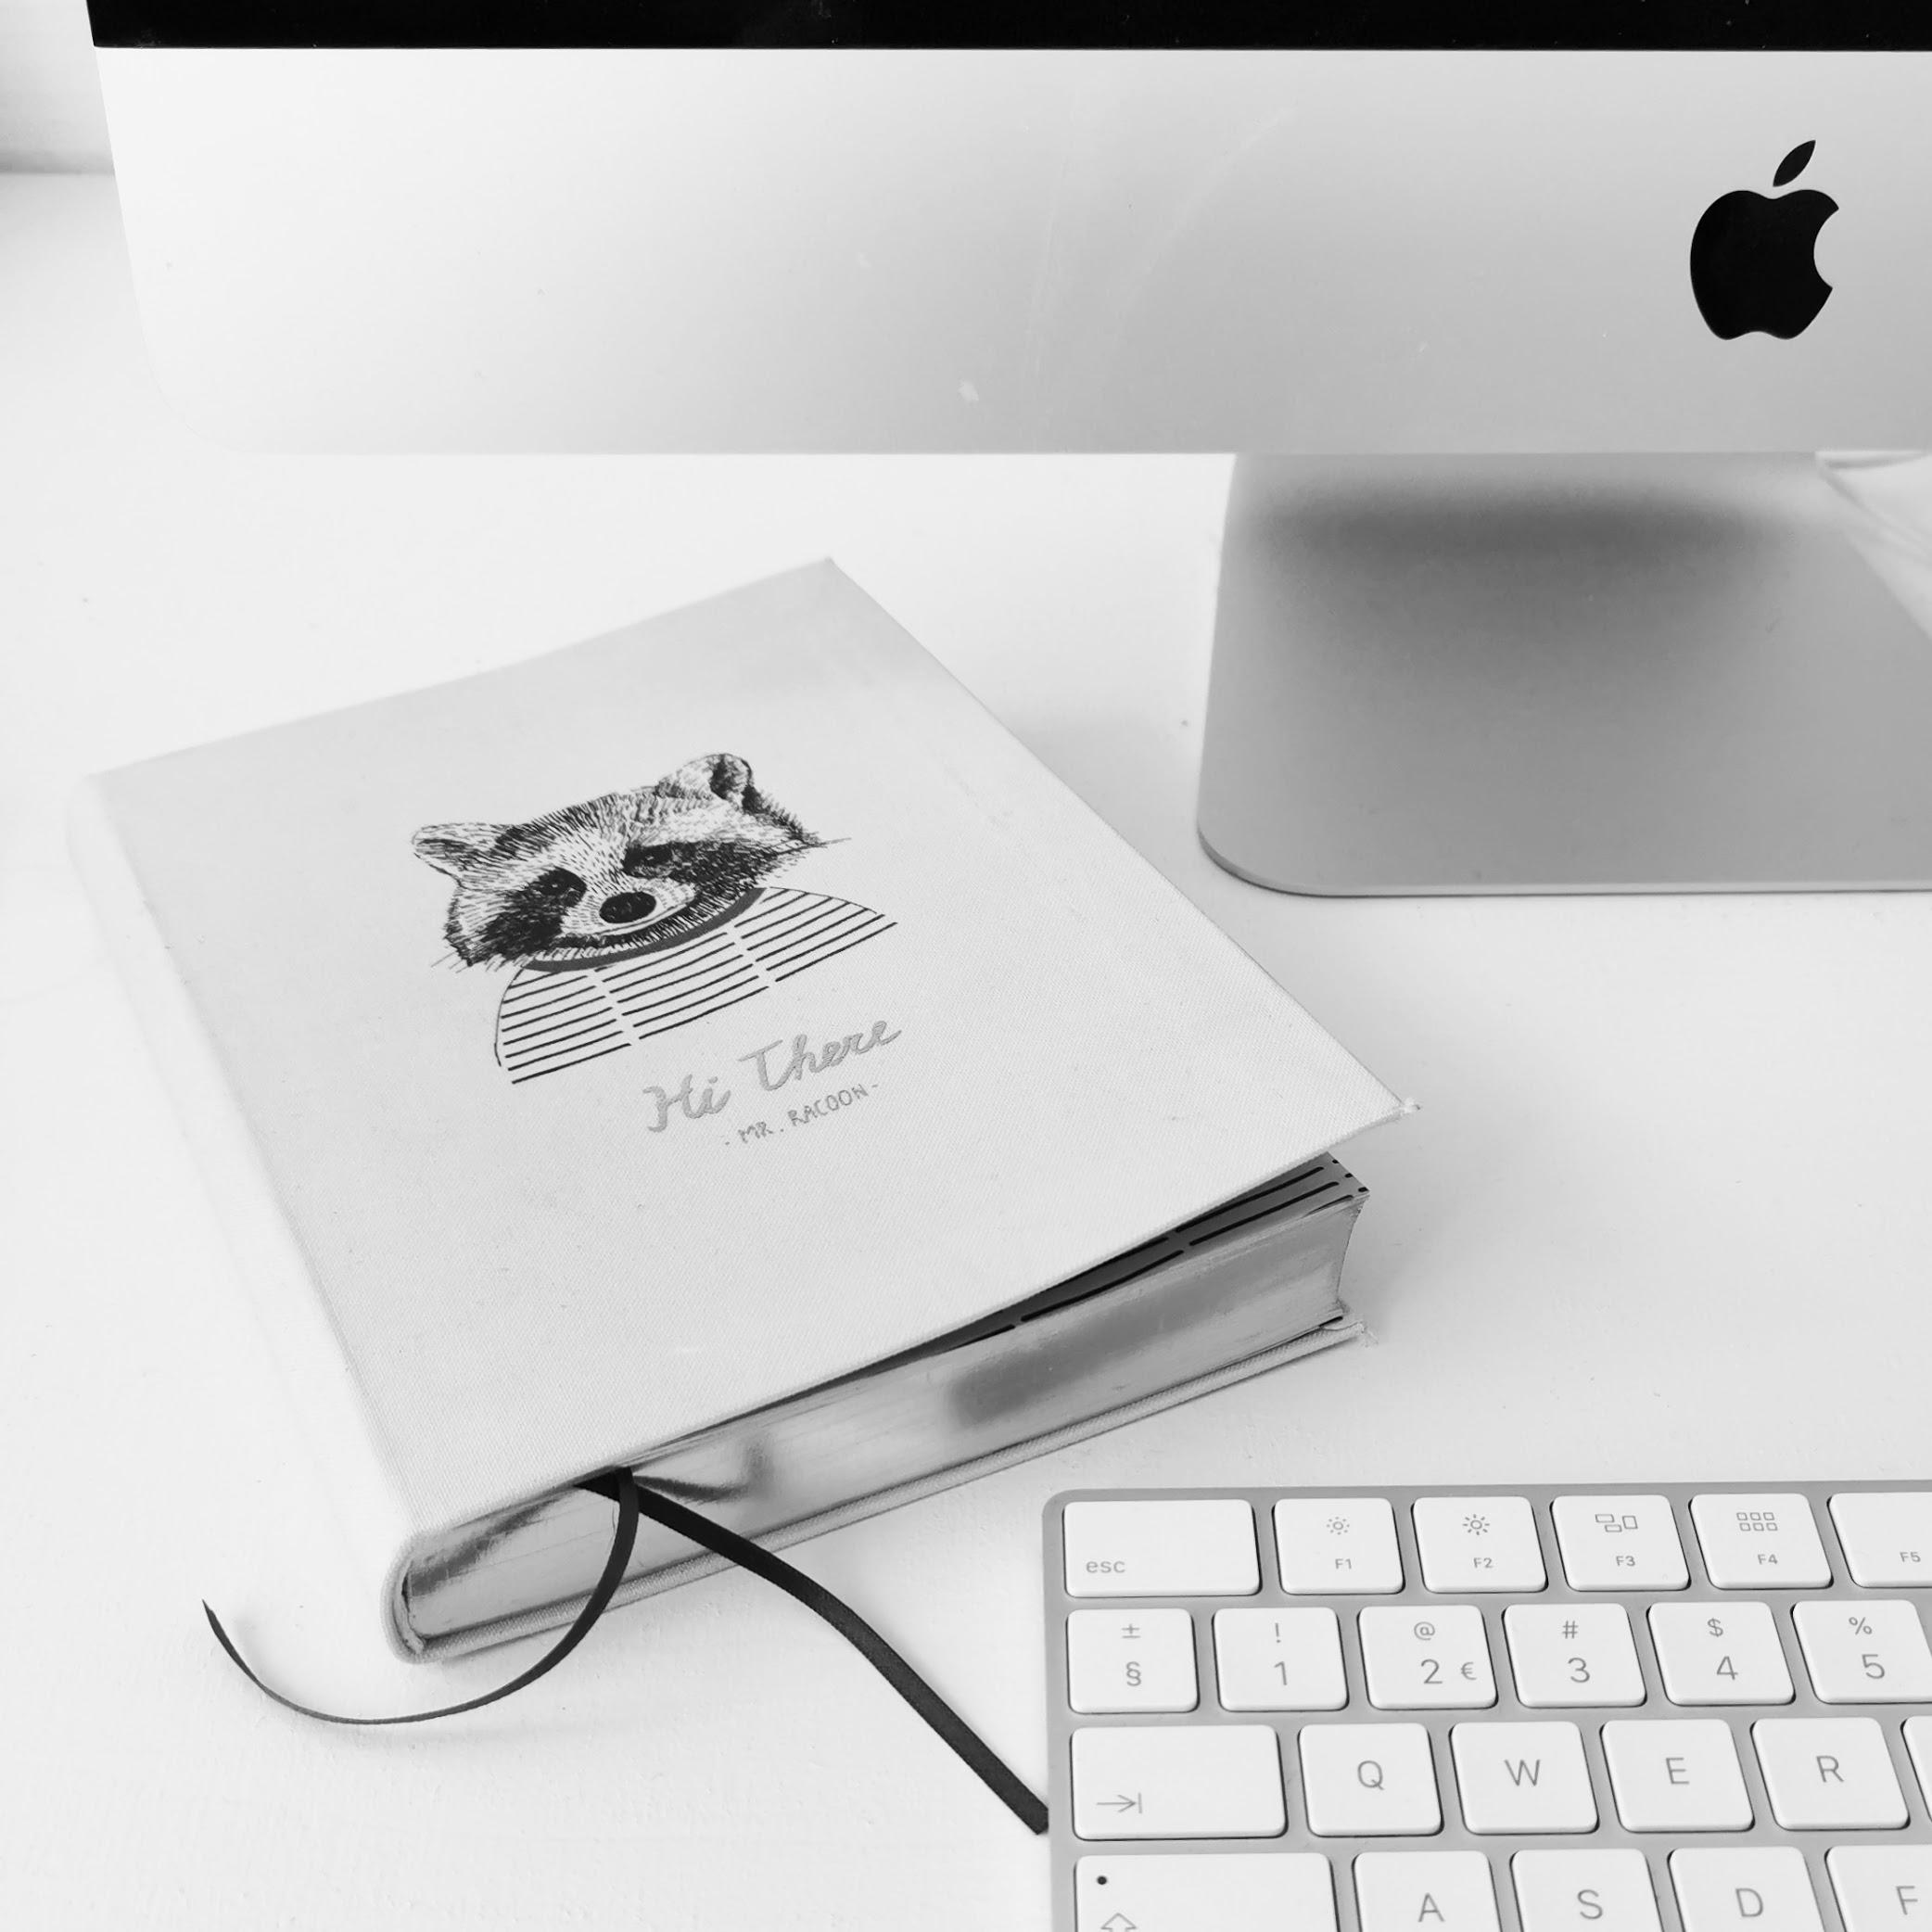 10 stappenplan om een website te maken